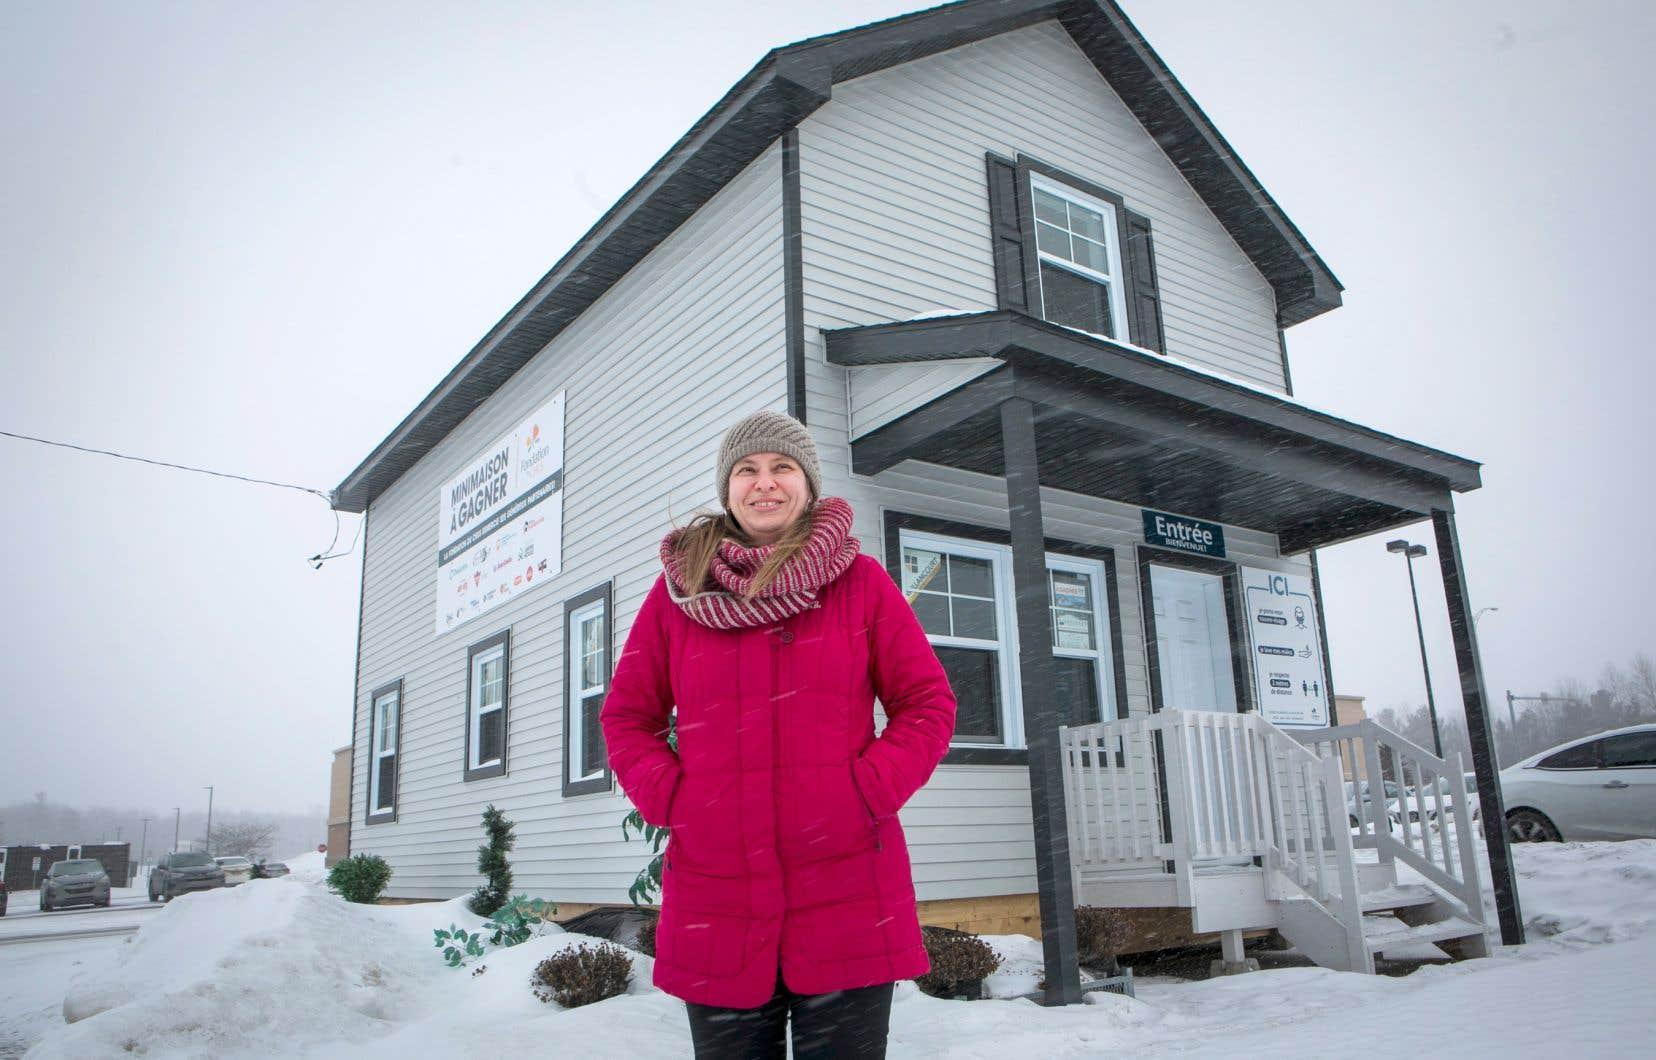 Marie-Josée Martel, une ingénieure forestière dans la jeune cinquantaine, a acheté une des maisons qui seront construites prochainement. Elle dit avoir été attirée par l'aspect communautaire du projet.